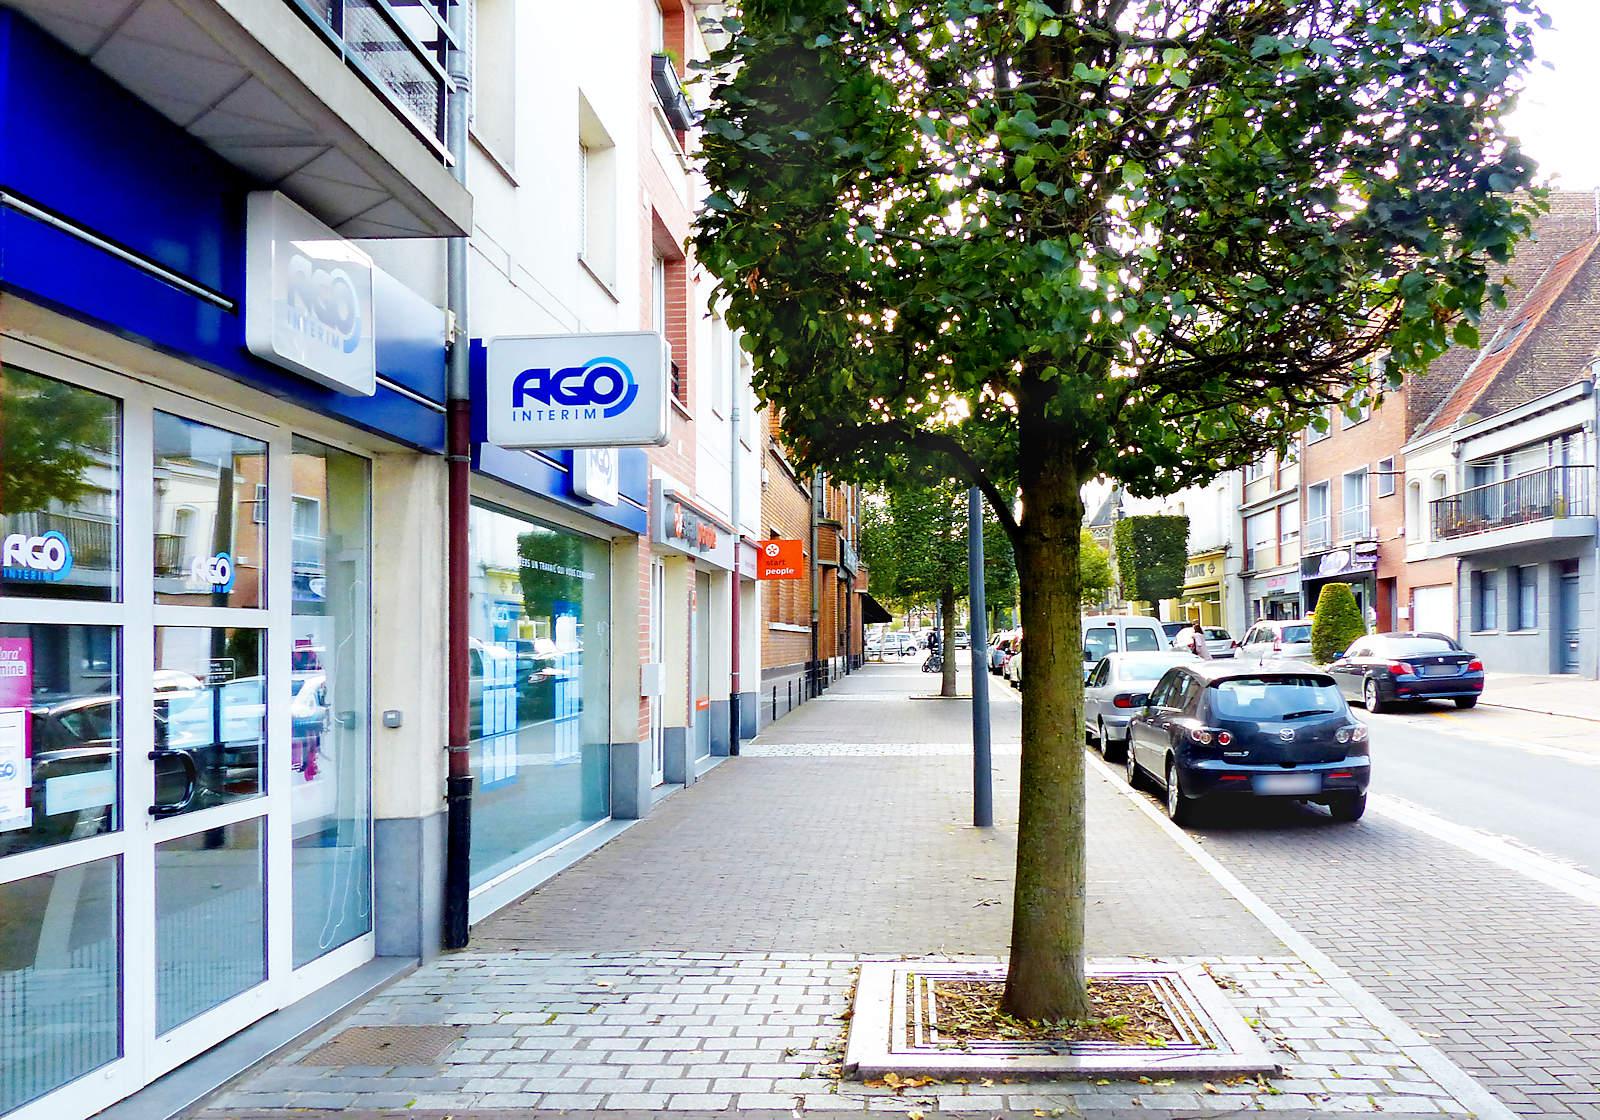 AGO Intérim, Rue de la Cloche - Tourcoing Centre